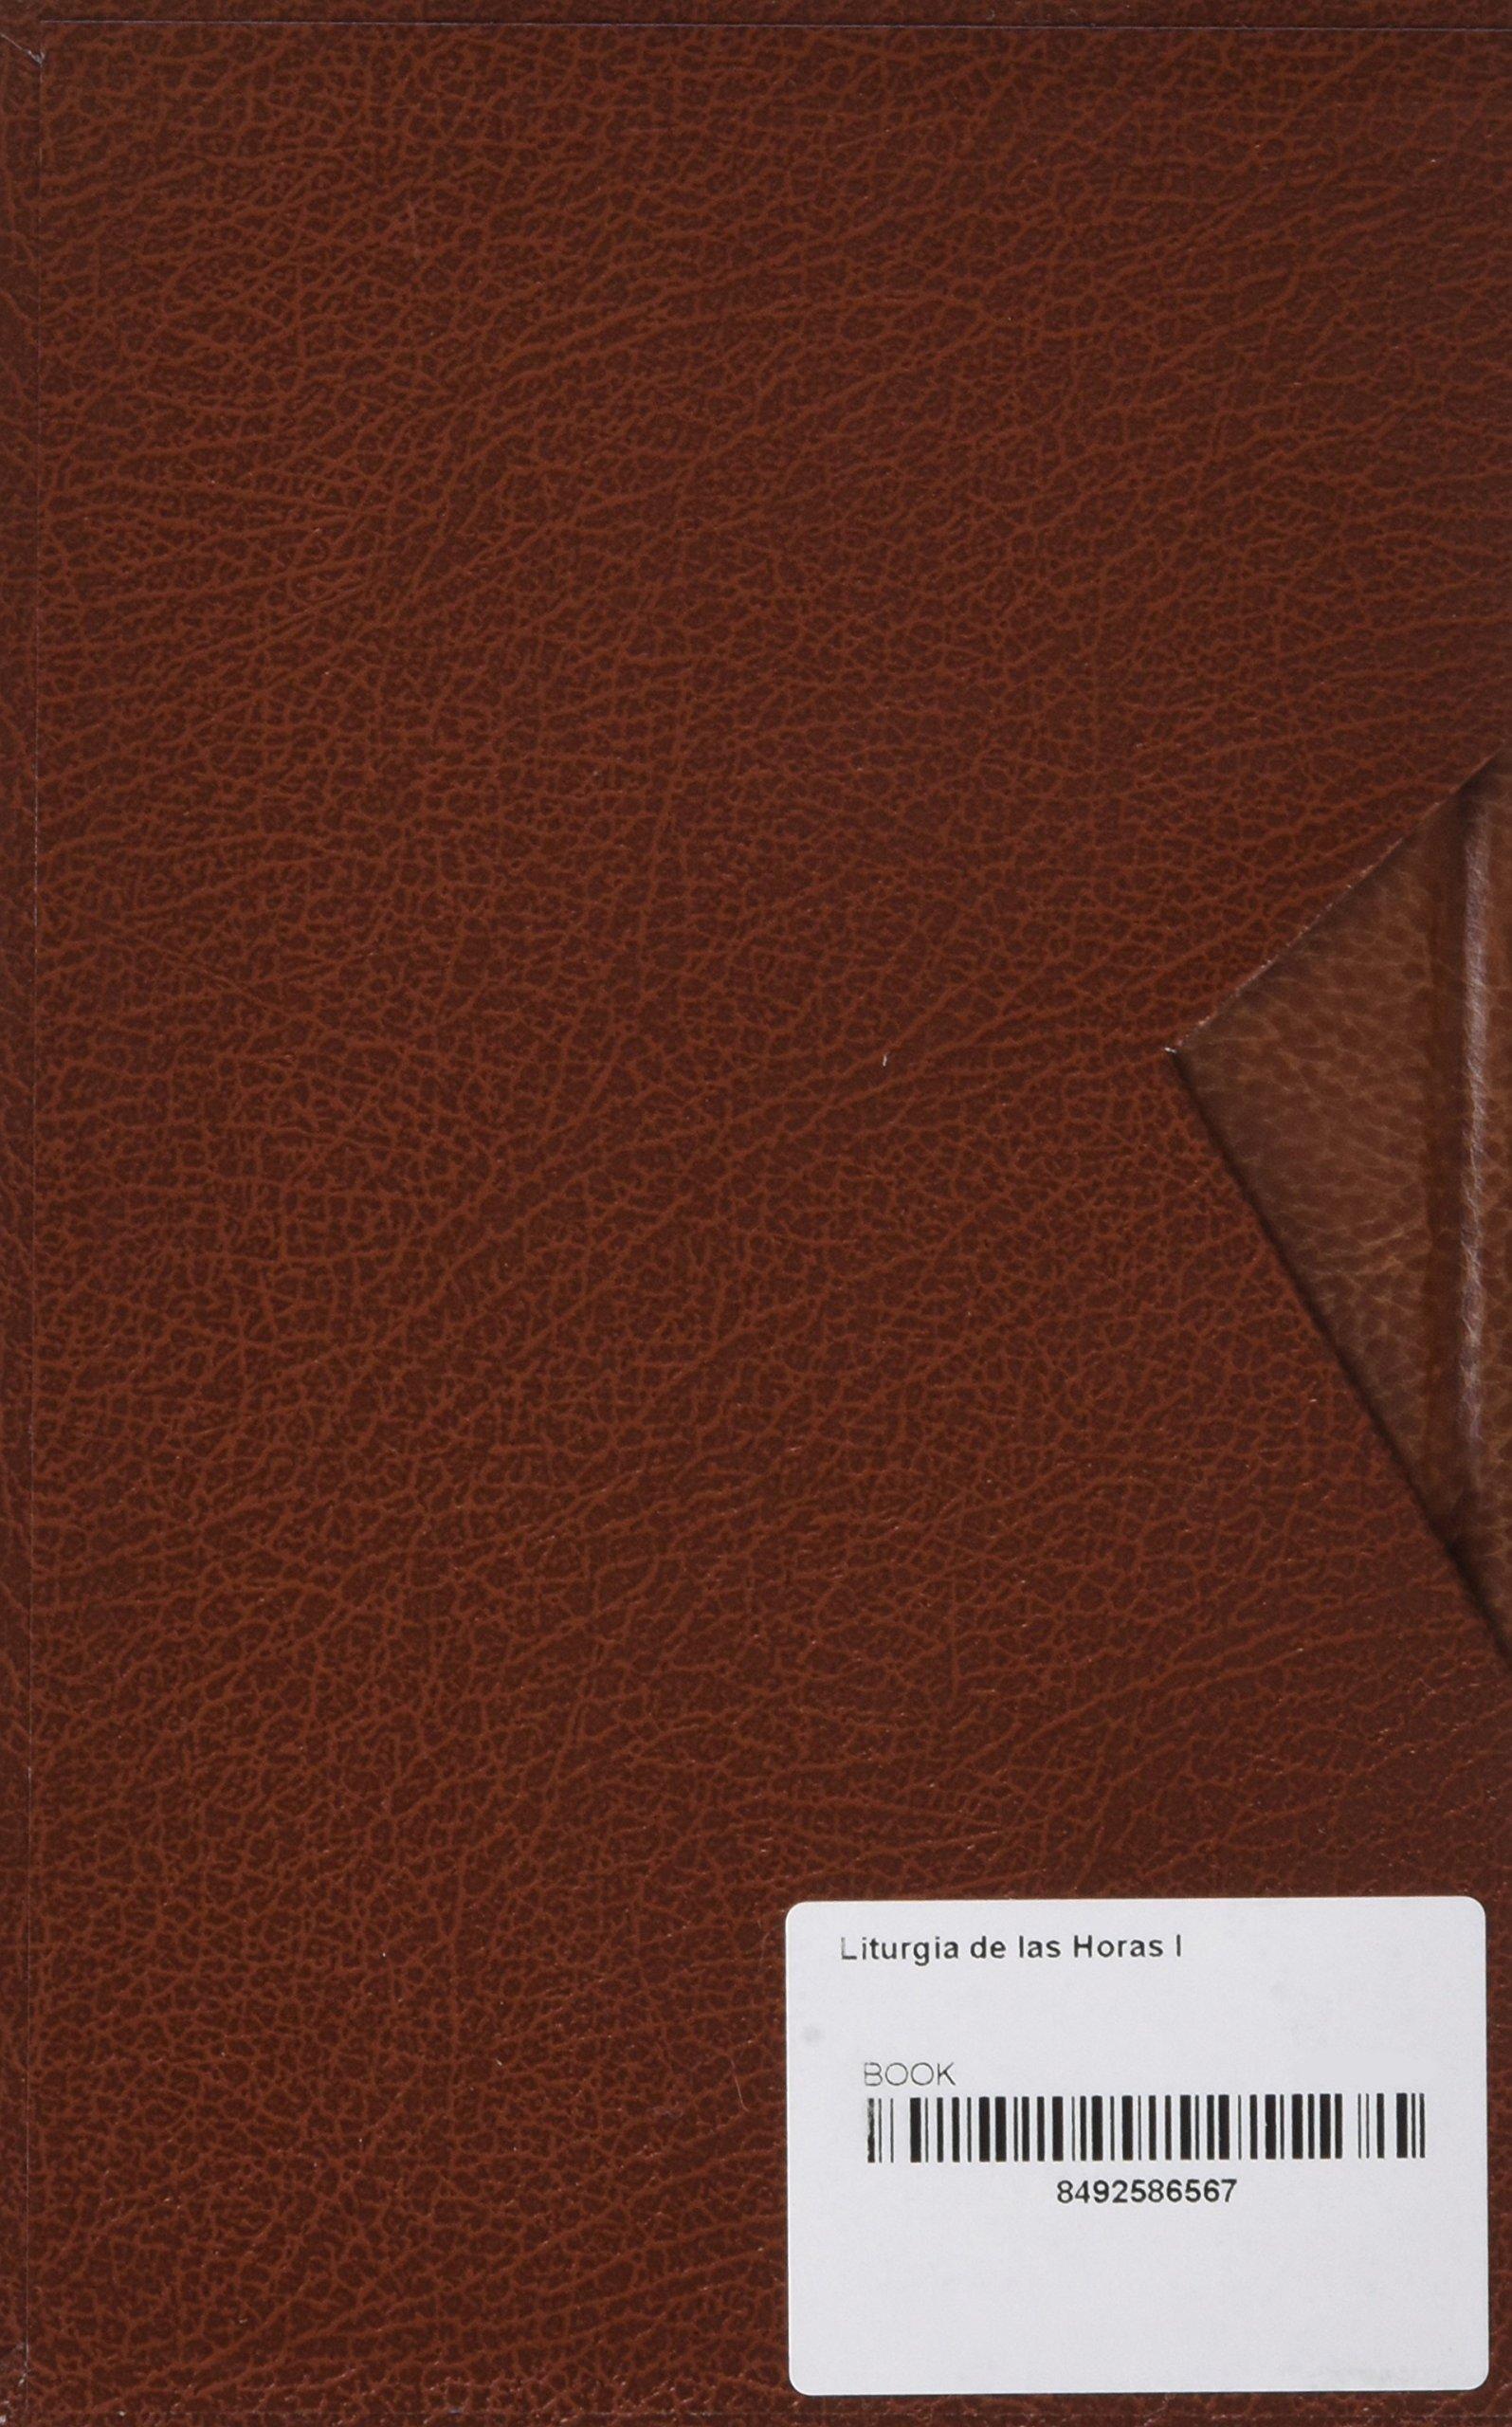 LITURGIA DE LAS HORAS I: Amazon.es: AA.VV.: Libros